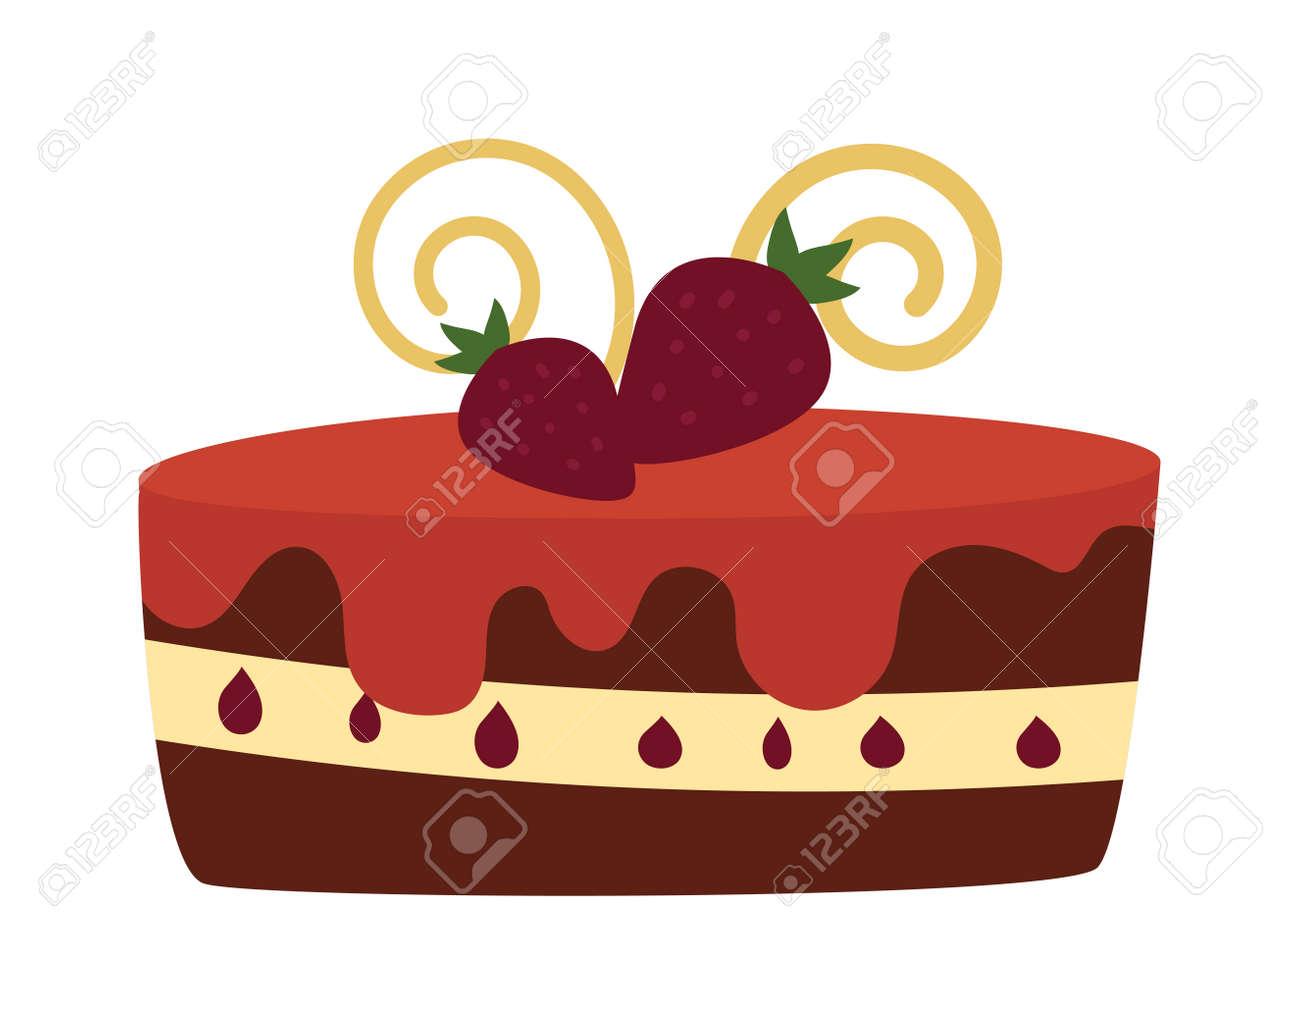 Pie Isolé Avec Des Fruits Et Tarte Au Chocolat Isolé Mariage Ou Gâteau Danniversaire Dessert Sucré Tarte Maison Crème Au Chocolat Gâteau